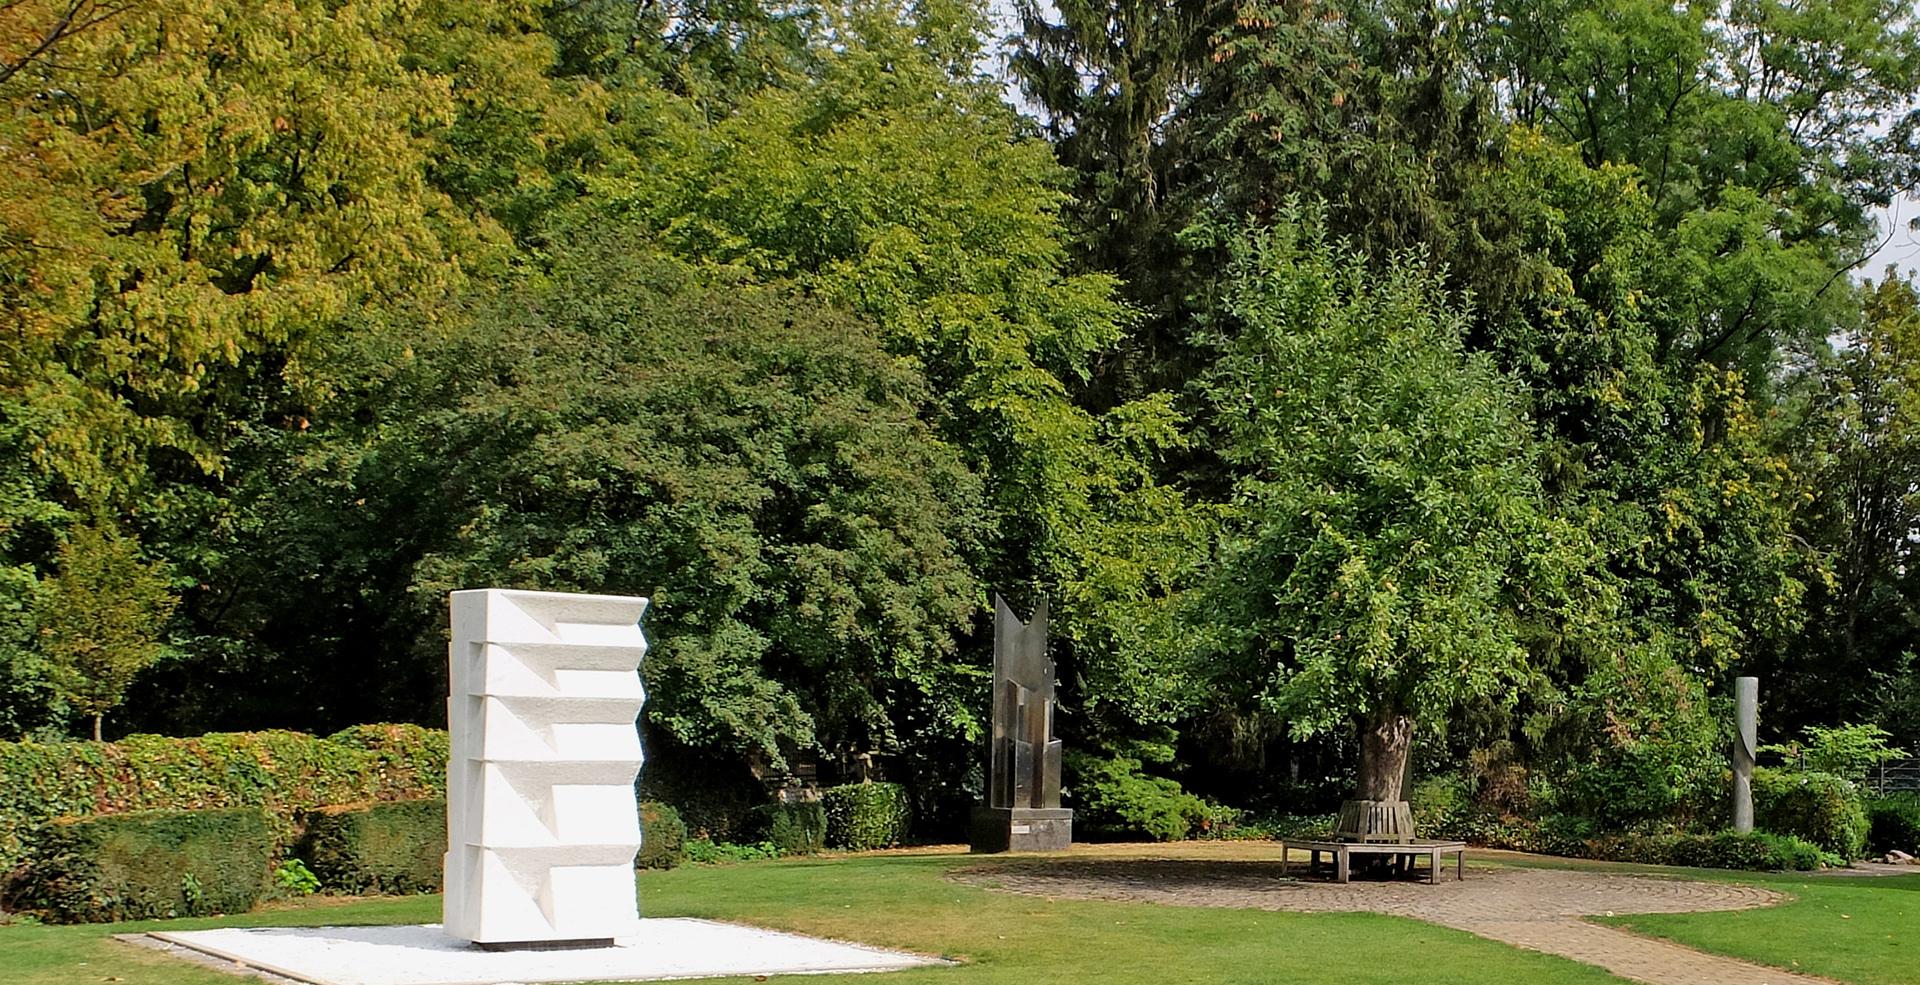 Kunstmuseum Ahlen | Skulpturengarten